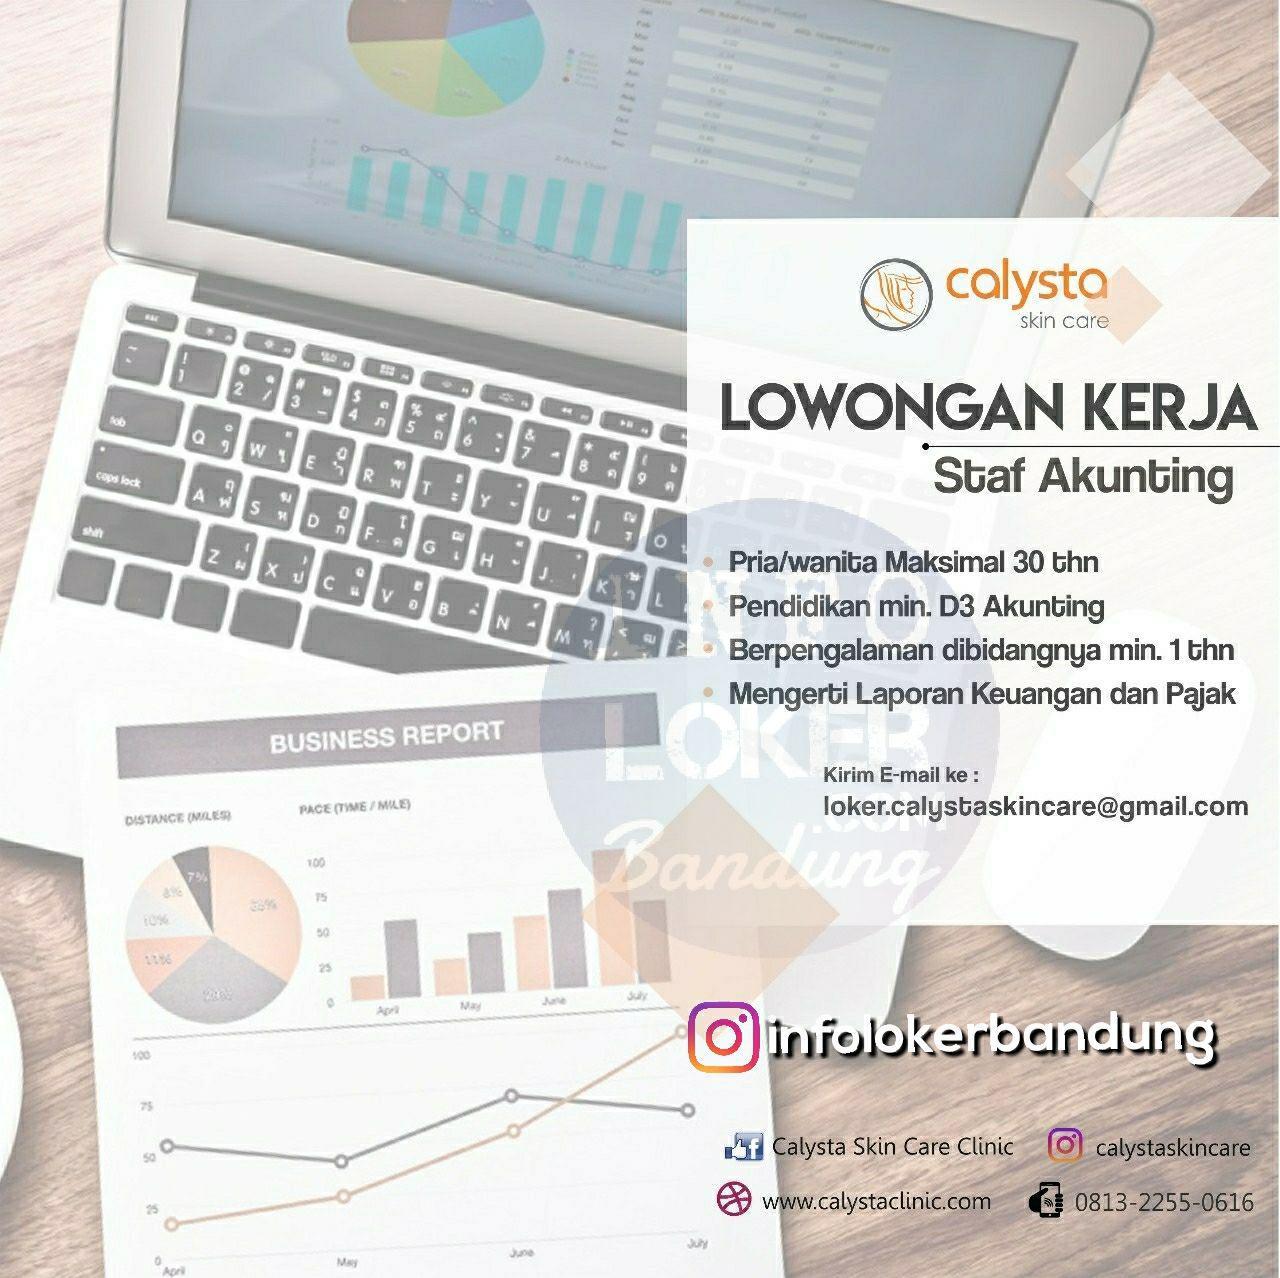 Lowongan Kerja Calysta Skin Care Bandung April 2018